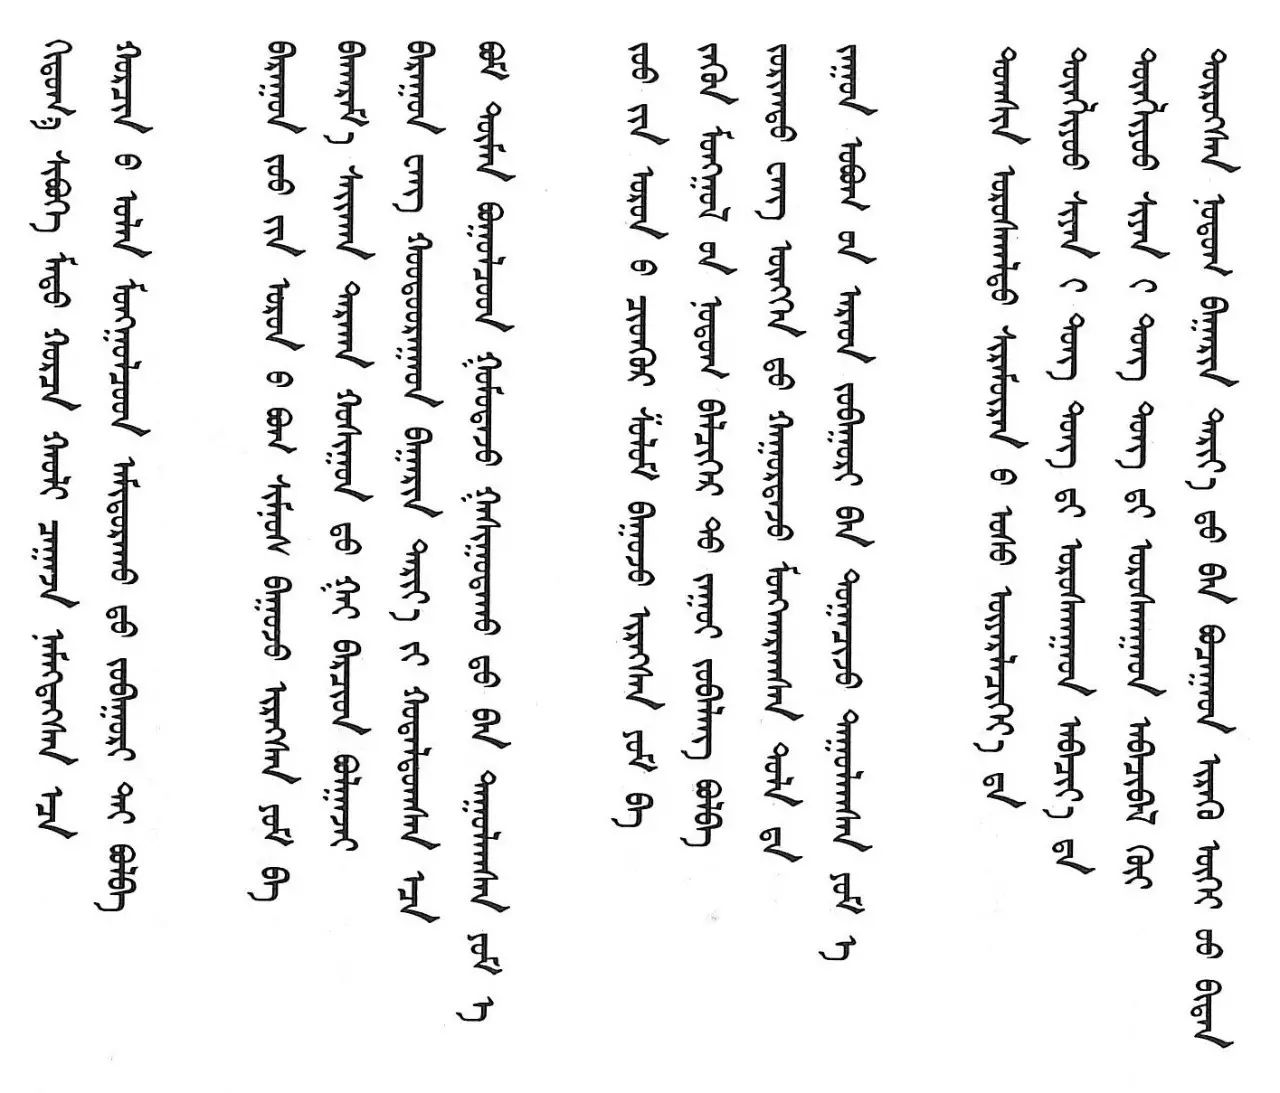 【每日歌词】科尔沁民歌《达尔罕王歌》(又名《巴林田》) 第23张